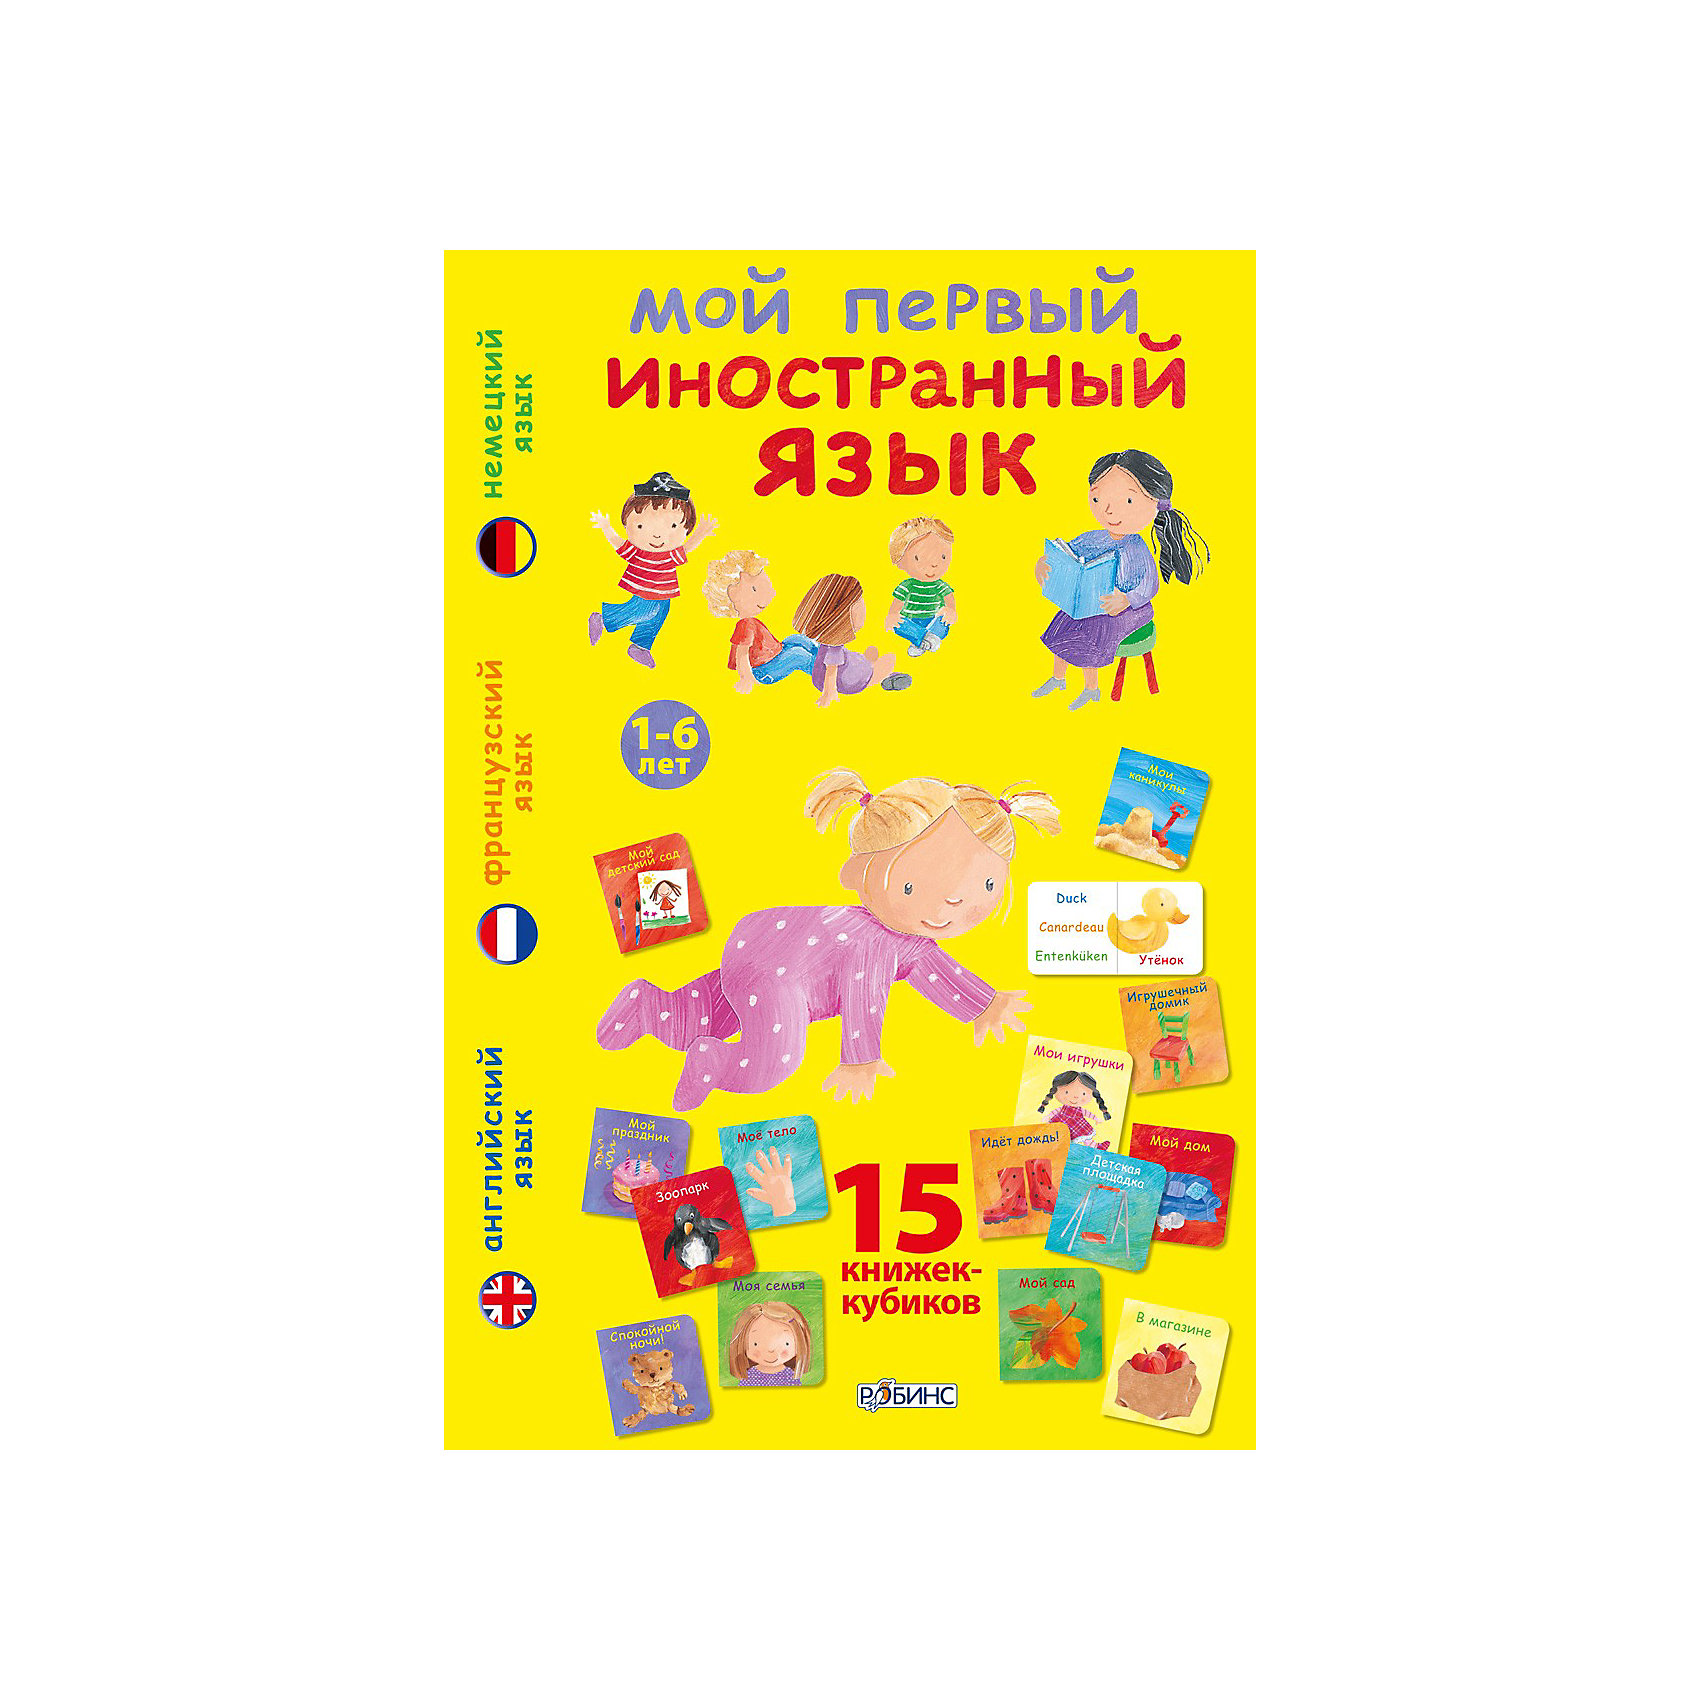 Мой первый иностранный языкИностранный язык<br>Мой первый иностранный язык от Robins (Робинс) - это уникальный развивающий набор, который поможет Вашему ребенку в увлекательной игровой форме выучить свои первые слова на трех иностранных языках. Красочные мини-книжки познакомят его с новыми словами, пополнят словарный запас и помогут улучшить артикуляцию и речевые навыки.<br><br>В набор входят 15 книжек-кубиков, каждая из которых посвящена определенной теме: мои игрушки, мое тело, моя семья, идет дождь, мой дом, детская площадка, мой праздник, мои каникулы, мой детский сад, игрушечный домик, мой сад, пора купаться, зоопарк, в магазине и спокойной ночи). На каждом развороте книжки красочная картинка и соответствующее ей слово на трех иностранных языках: английском, немецком и французском. Подобранные слова очень просты, и малышу будет совсем несложно их запомнить. Игра с мини-книжками поможет малышу развивать память, внимание и мышление, тренировать мелкую моторику и повышать эмоциональную активность.<br><br>Дополнительная информация:<br><br>- В комплекте 15 книжек.<br>- Обложка: коробка.<br>- Иллюстрации: цветные. <br>- Объем: 150 стр. (картон).<br>- Размер: 26 х 18 х 4 см. <br>- Вес: 0,972 кг. <br><br>Развивающий набор Мой первый иностранный язык от Robins (Робинс) можно купить в нашем интернет-магазине.<br><br>Ширина мм: 260<br>Глубина мм: 18<br>Высота мм: 40<br>Вес г: 972<br>Возраст от месяцев: 48<br>Возраст до месяцев: 84<br>Пол: Унисекс<br>Возраст: Детский<br>SKU: 3600560